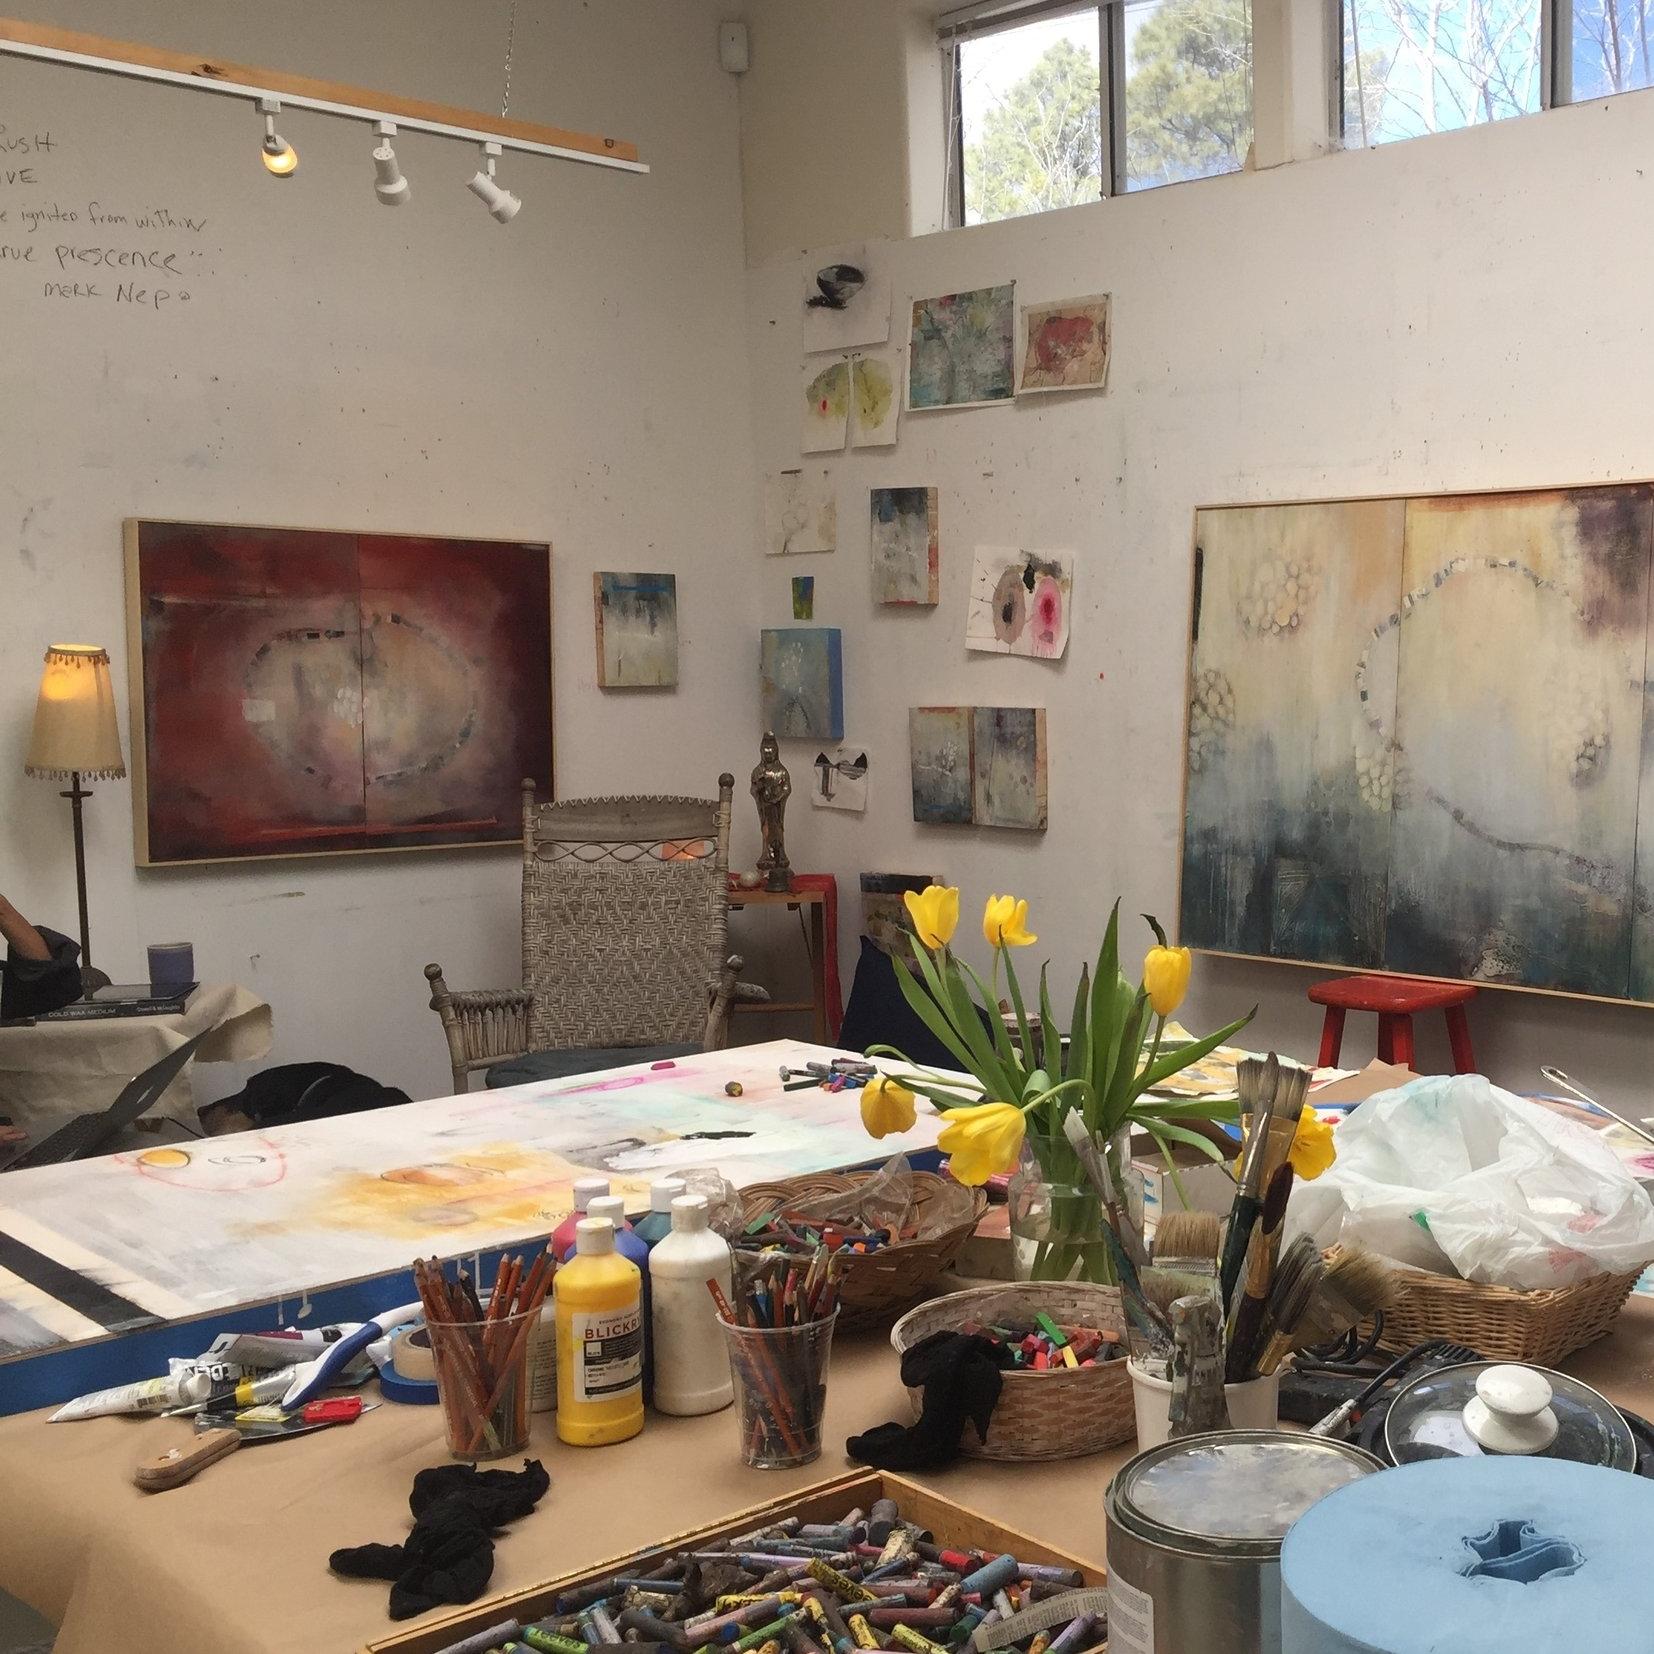 mantecon-studio-interior.JPG